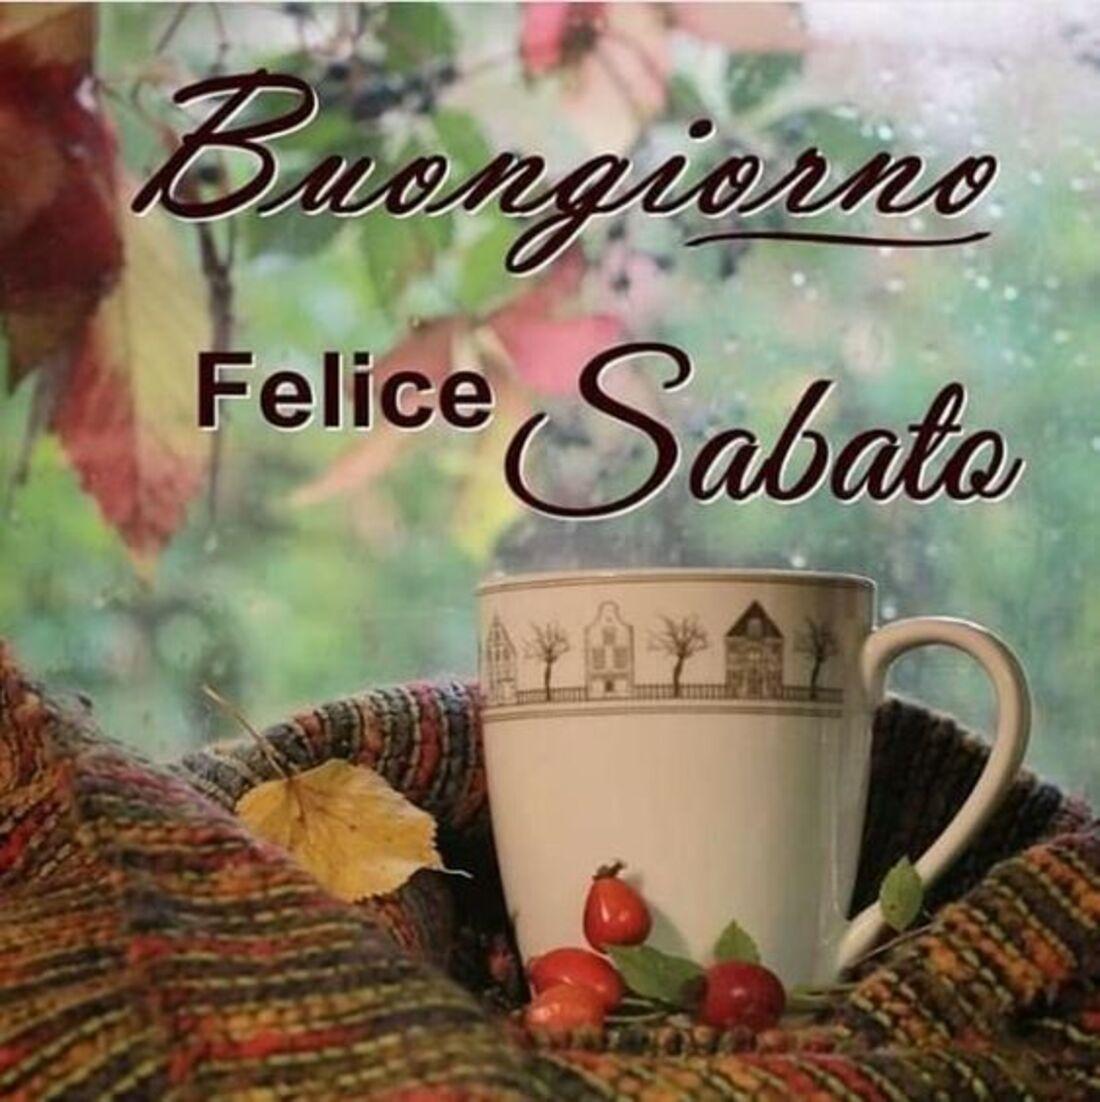 Il caffè è pronto buon sabato amici belli (8) - Buongiorni.it